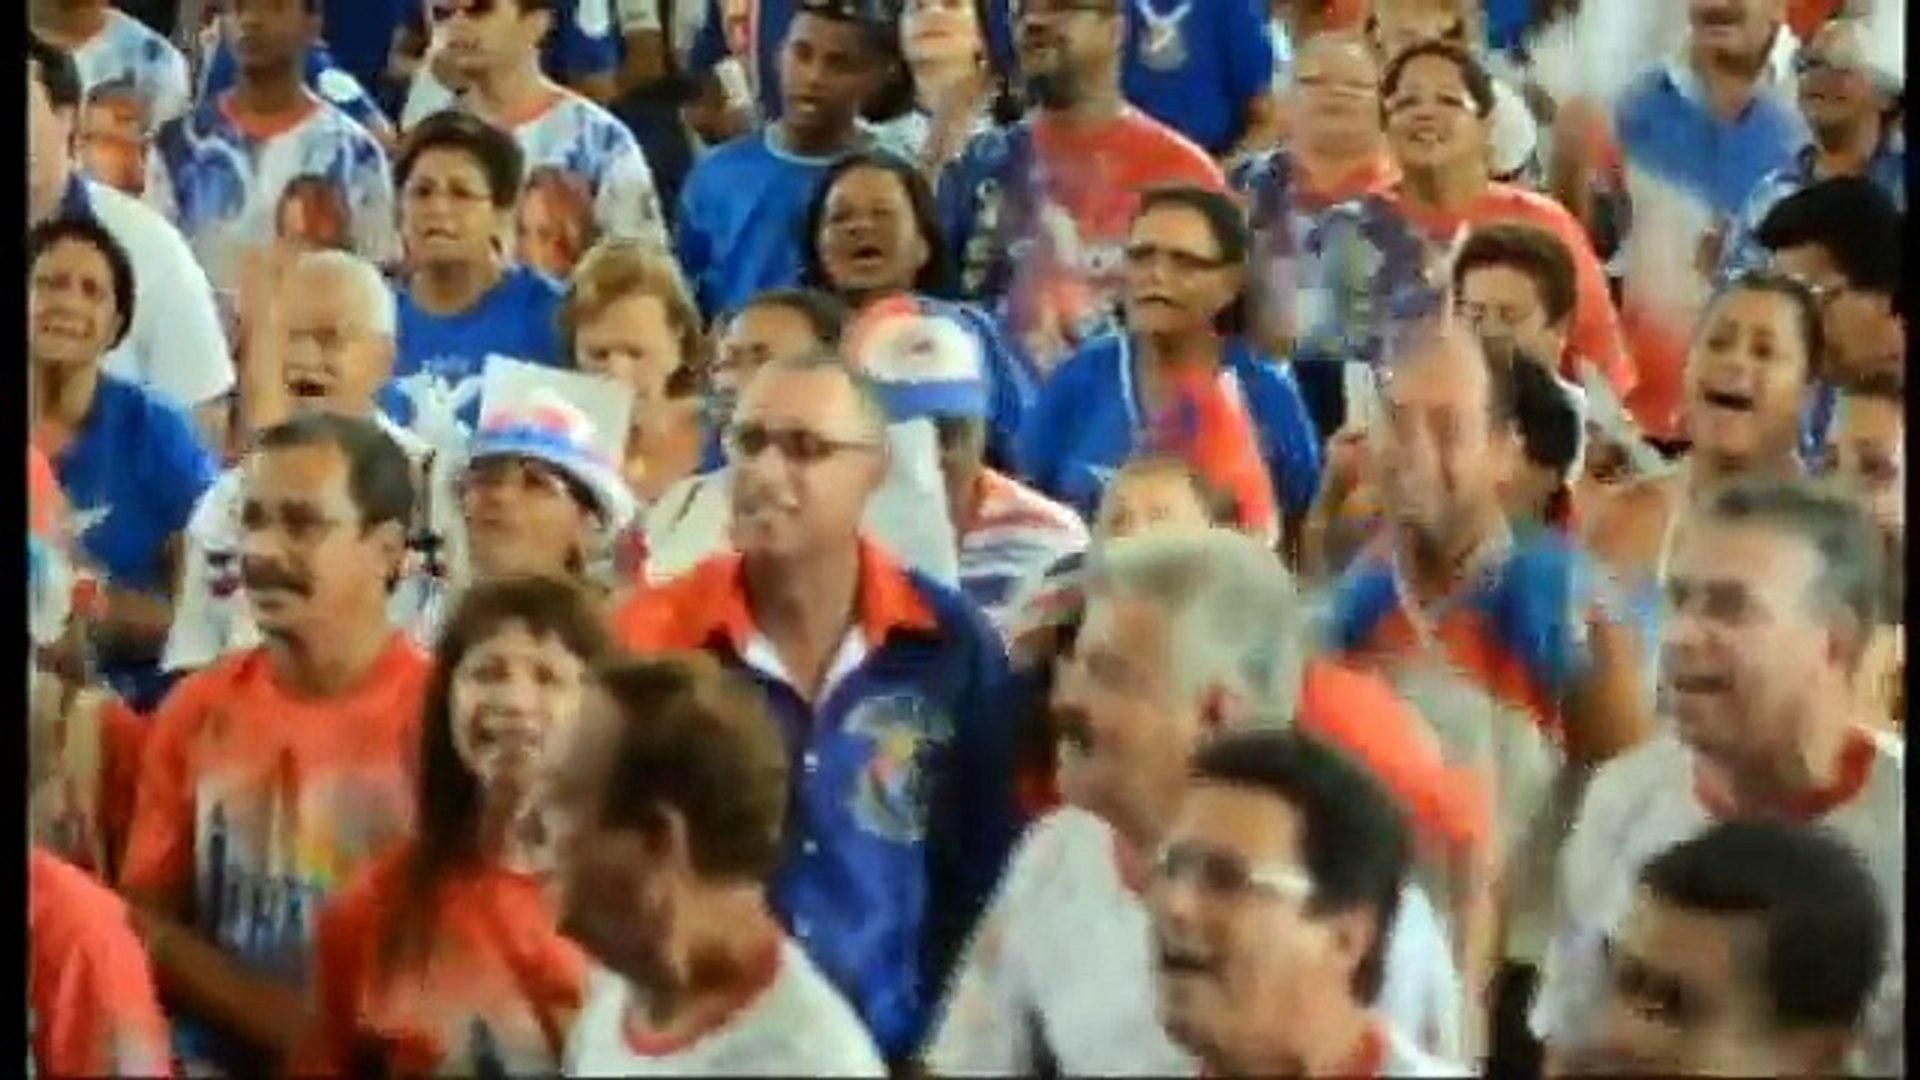 G.R.E.S. União da Ilha do Governador - Samba Enredo 2013